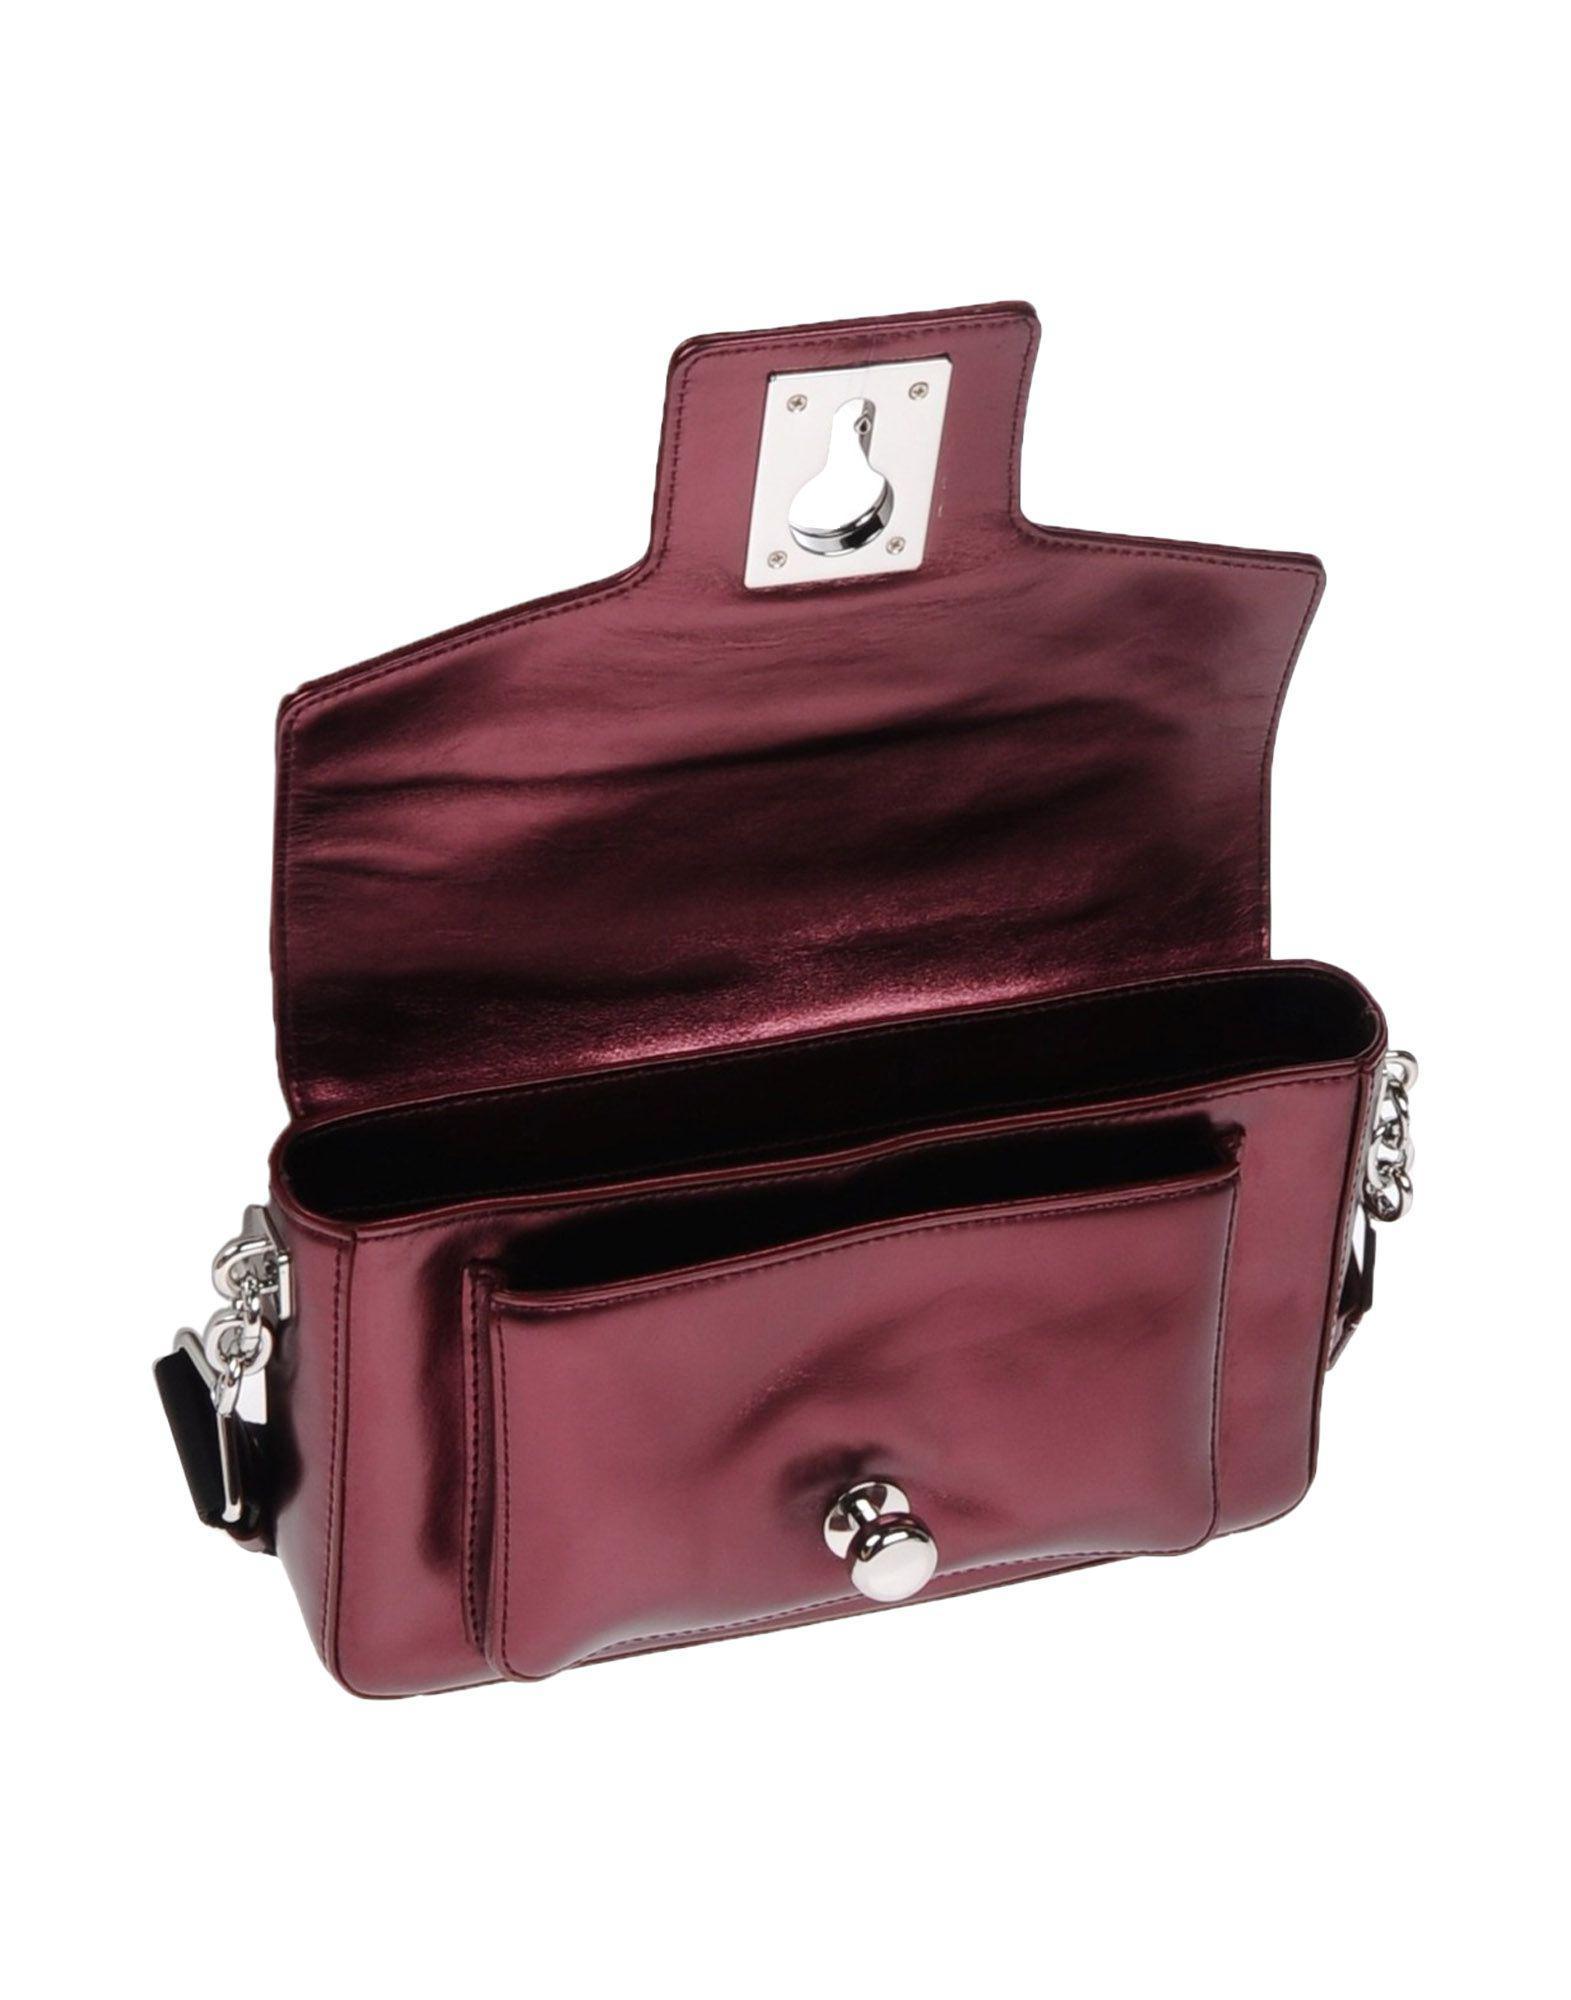 Karl Lagerfeld Leather Cross-body Bag in Deep Purple (Purple)